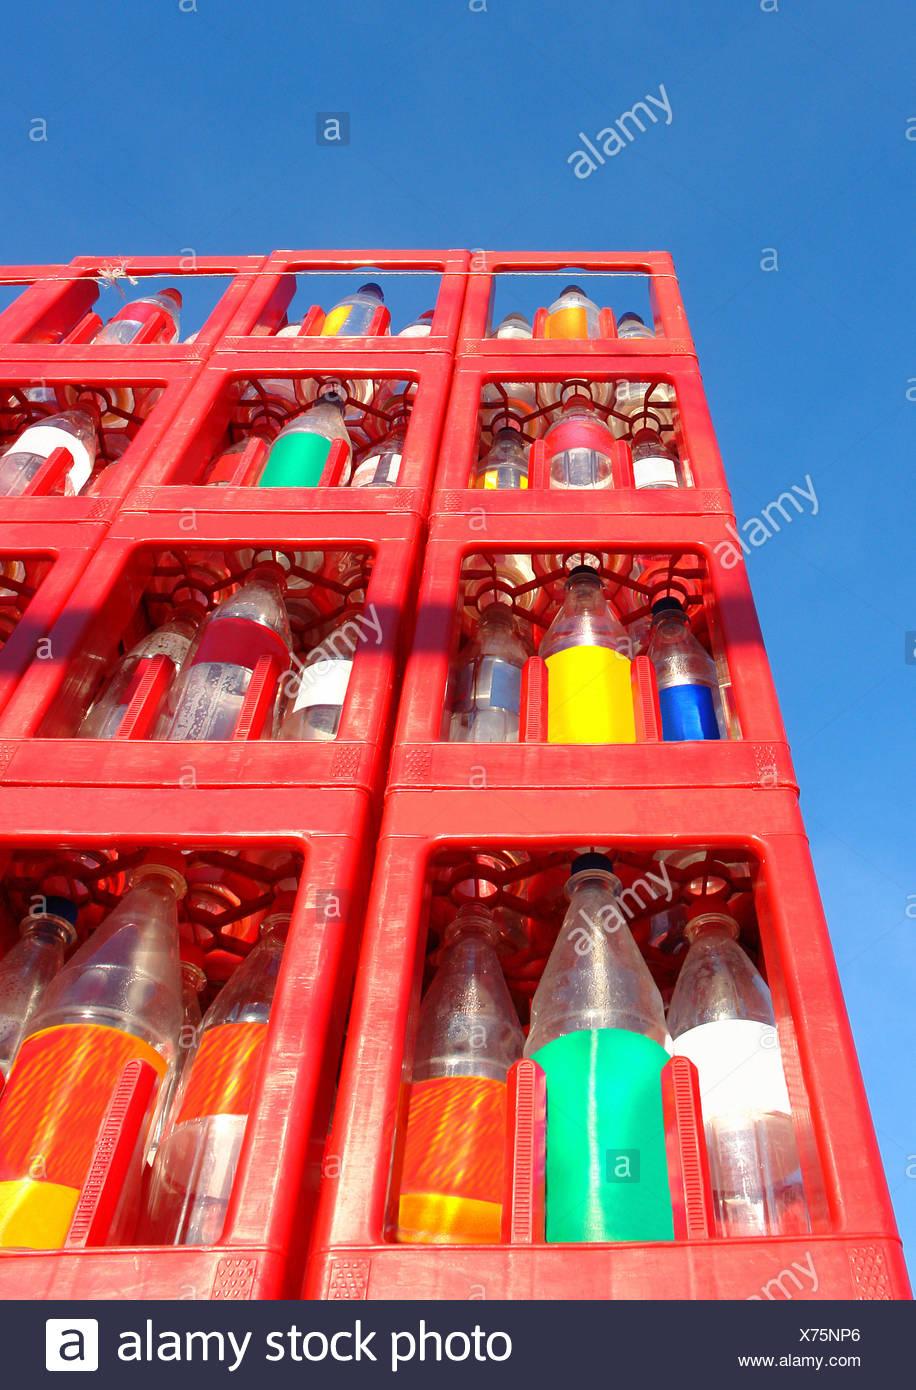 bottles empties use Stock Photo